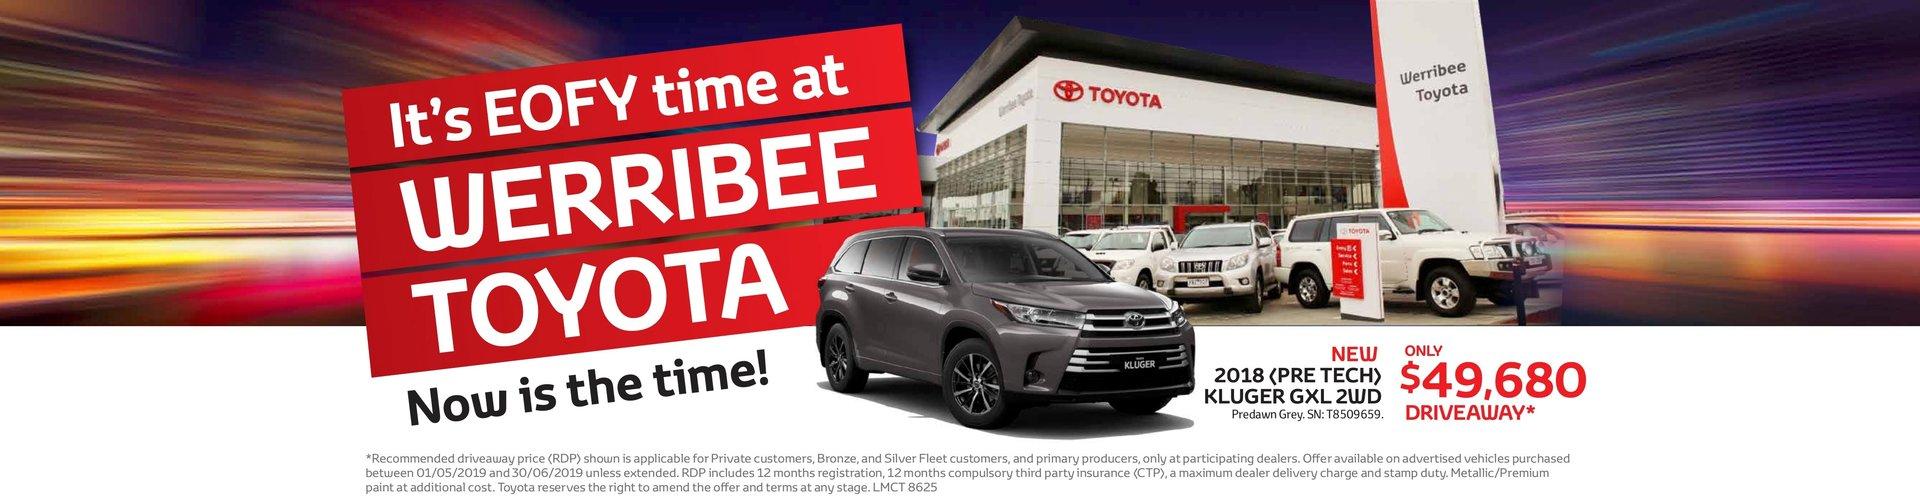 Werribee Toyota EOFY